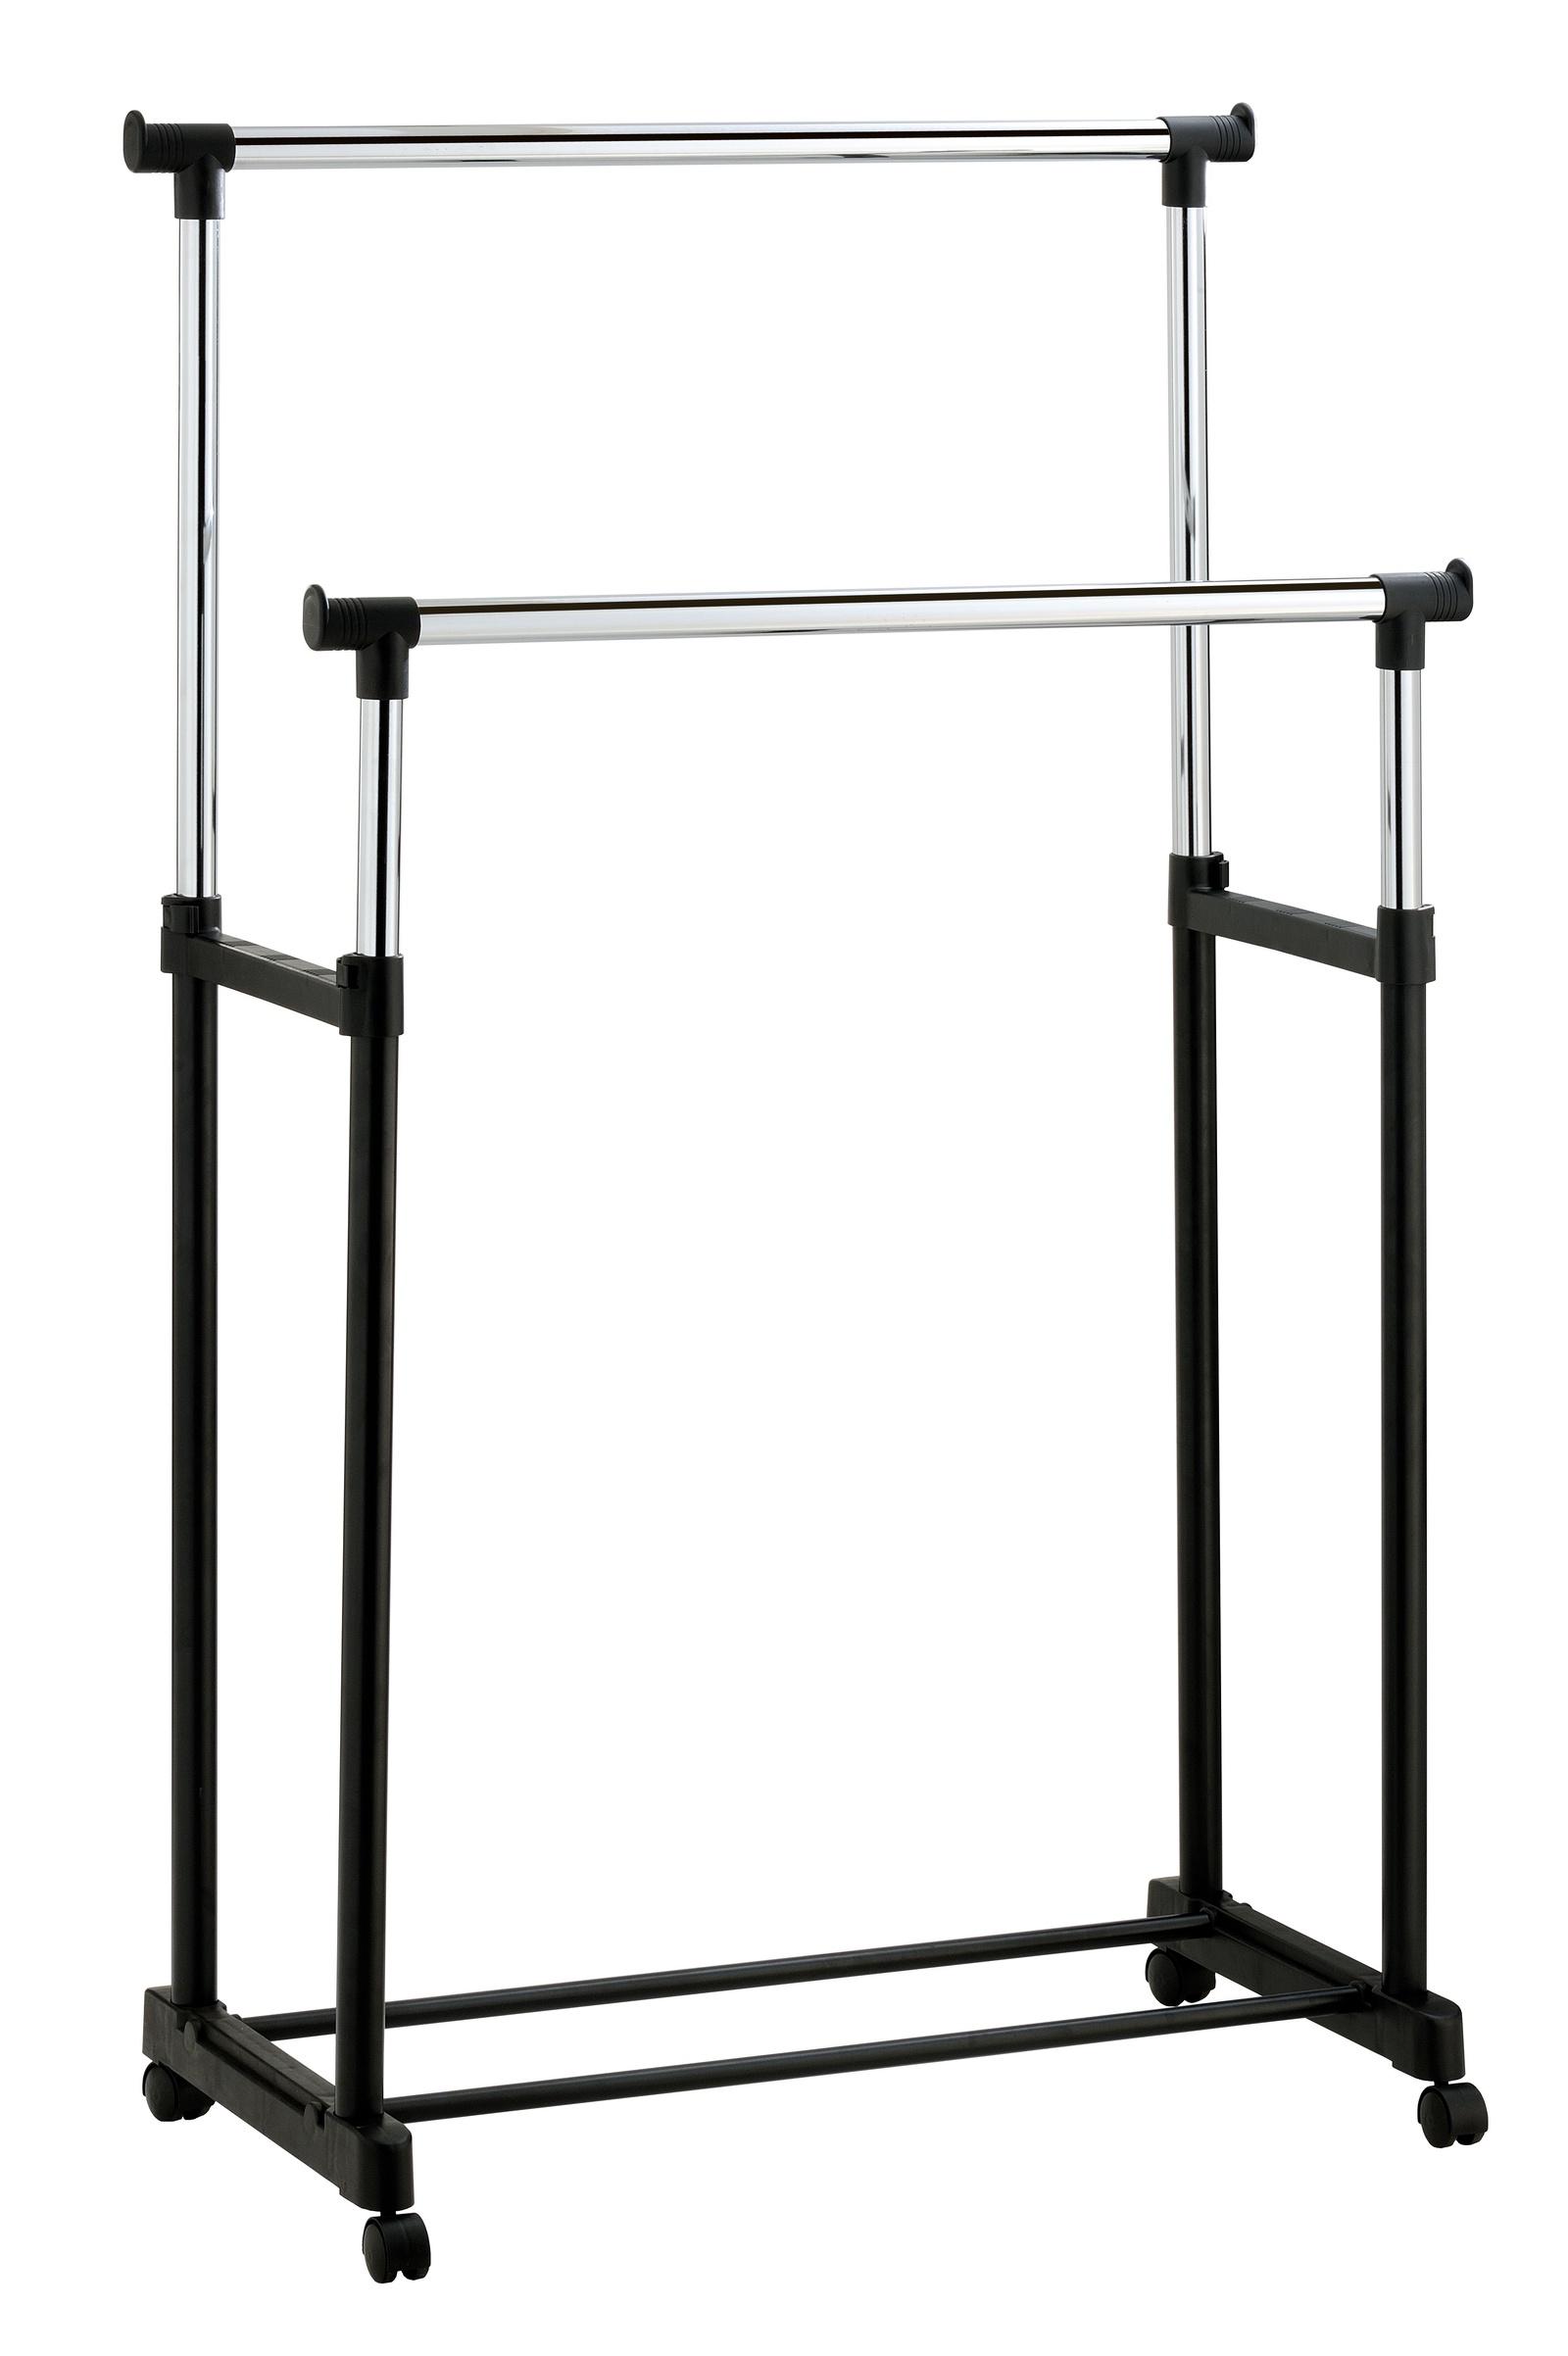 Стойка для одежды UniStor Напольная вешалка для одежды DUBLIN двойная передвижная напольная стойка, Хромированная поверхность гардеробная стойка для одежды береза